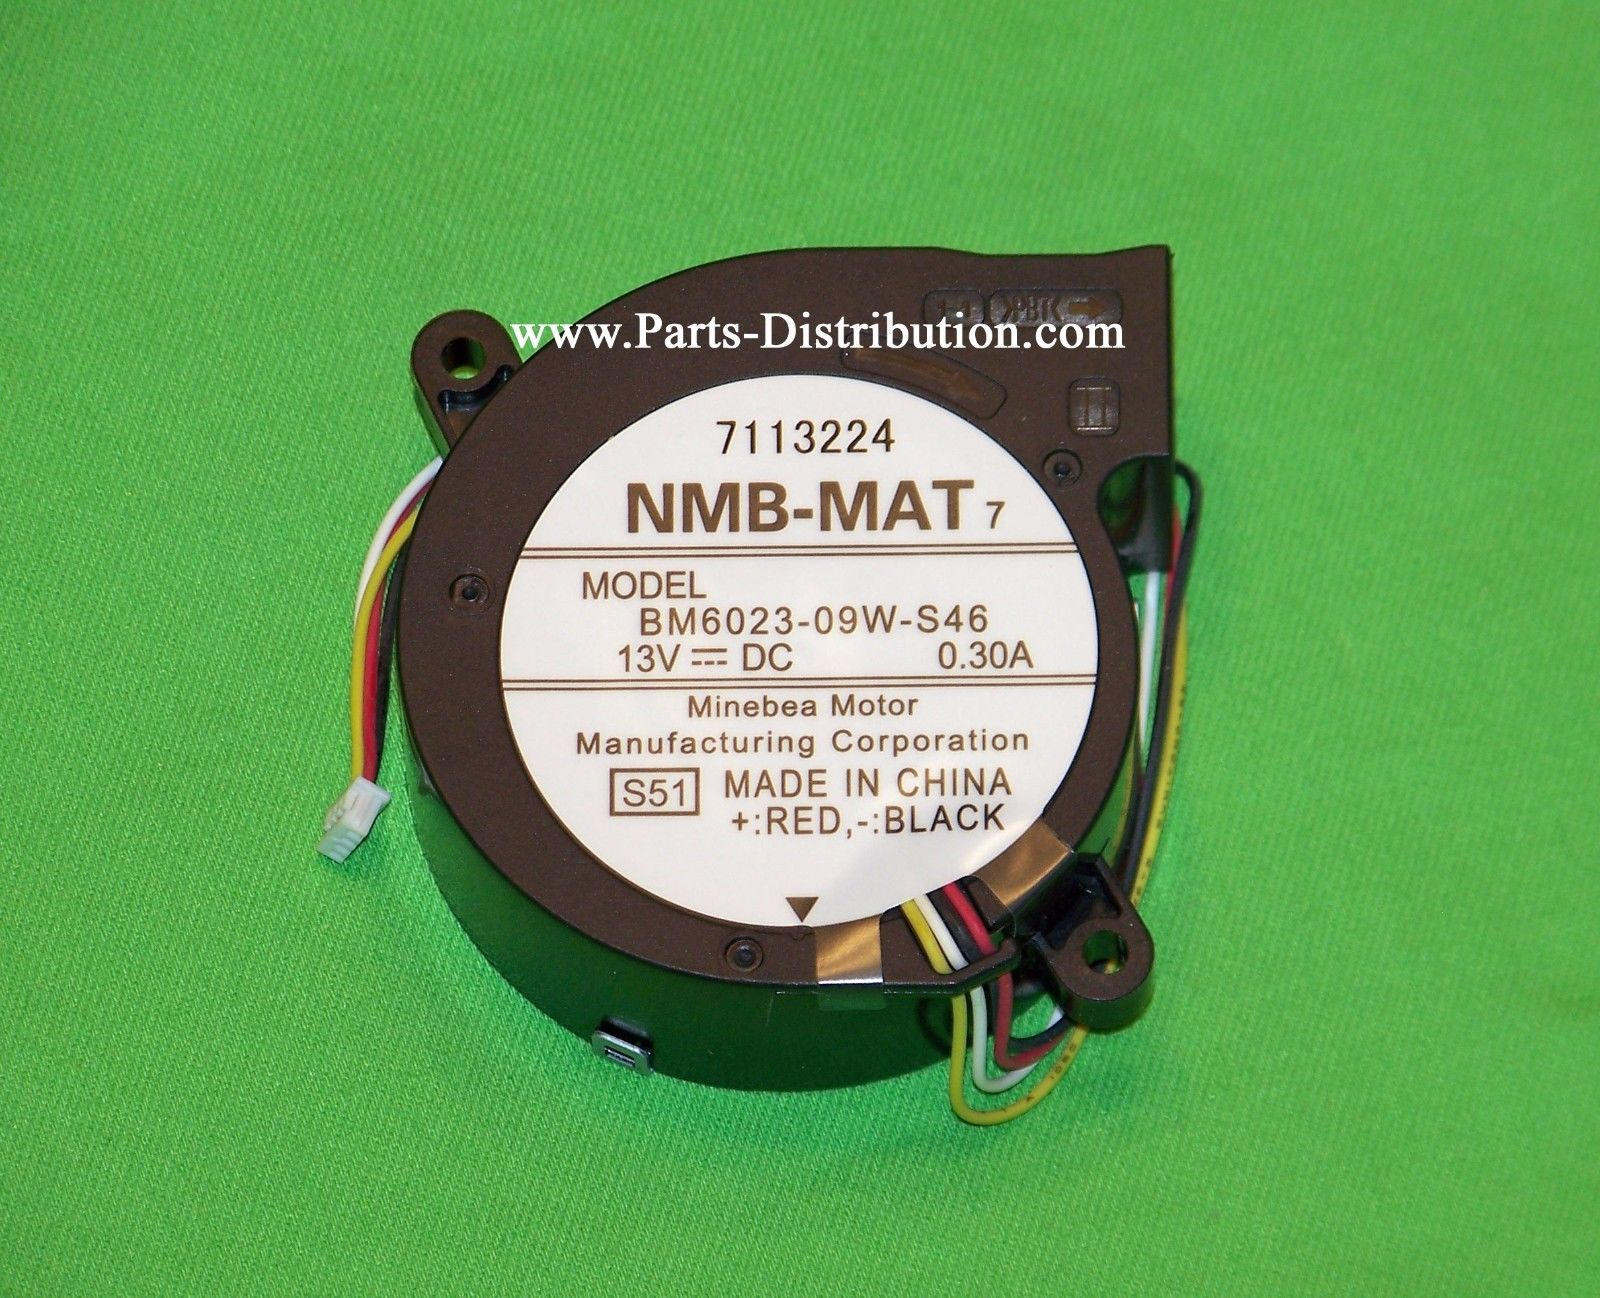 435W 1880 425W 420 1850W Epson Projector Fan Intake: PowerLite 1835 430